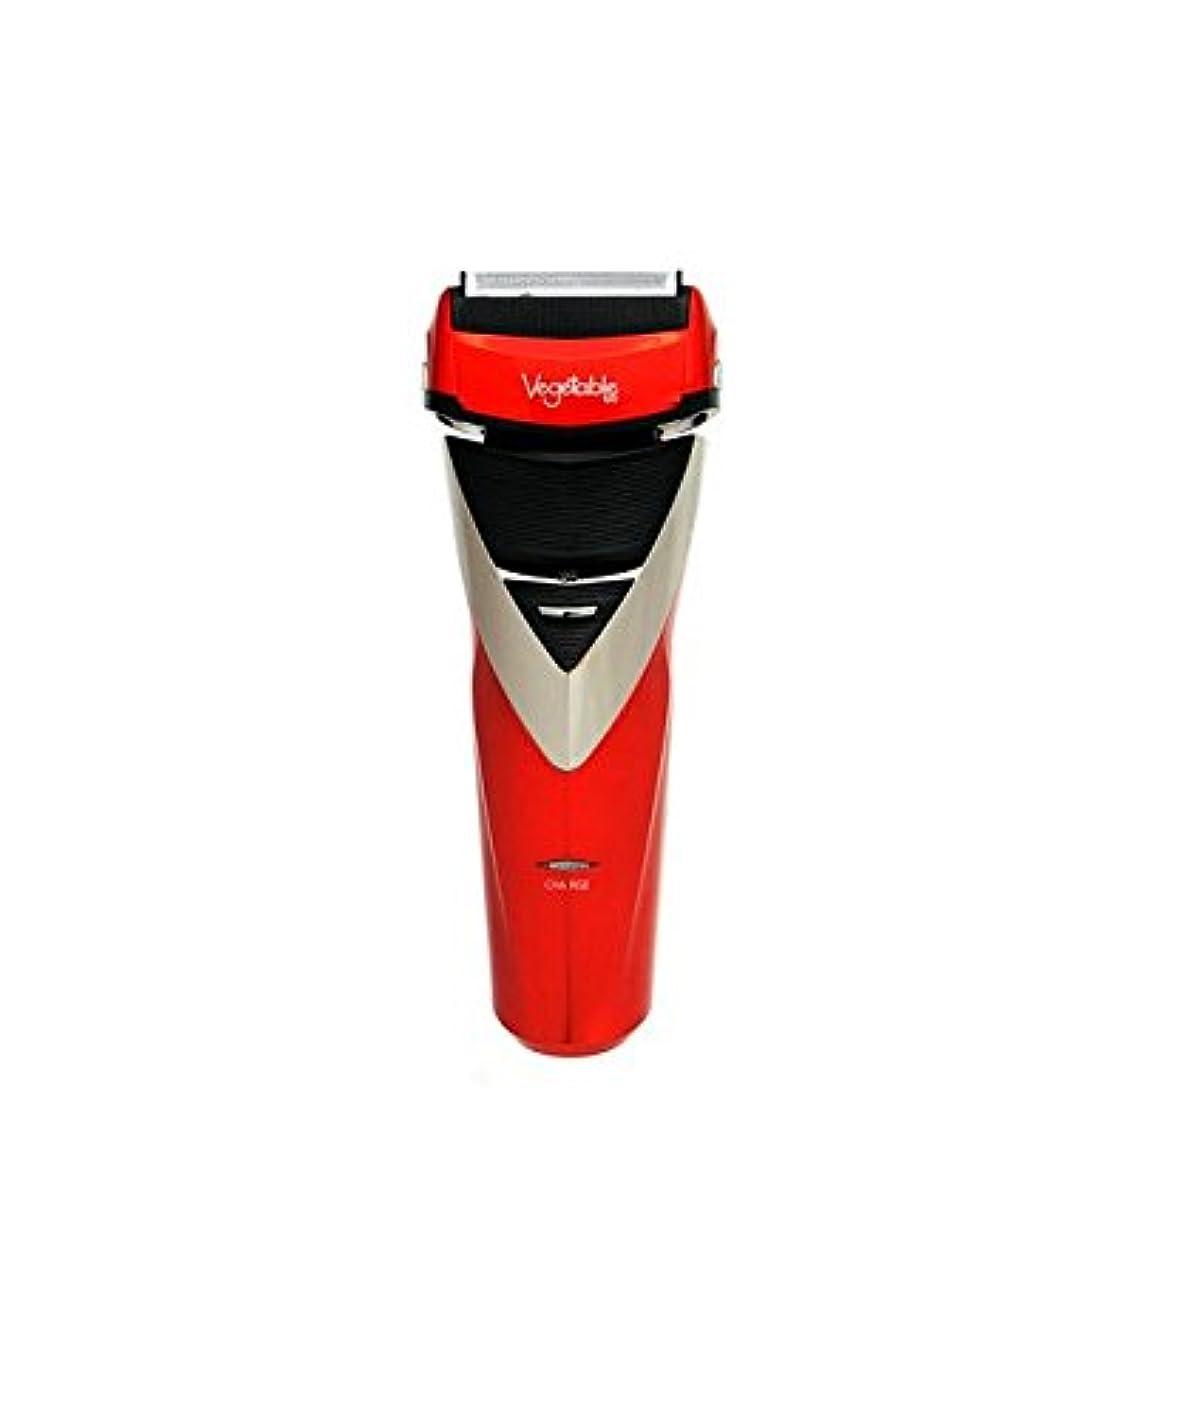 ホームレスマキシムシンプトンGD商事 充電式水洗い2枚刃シェーバー GD-ST205R レッド